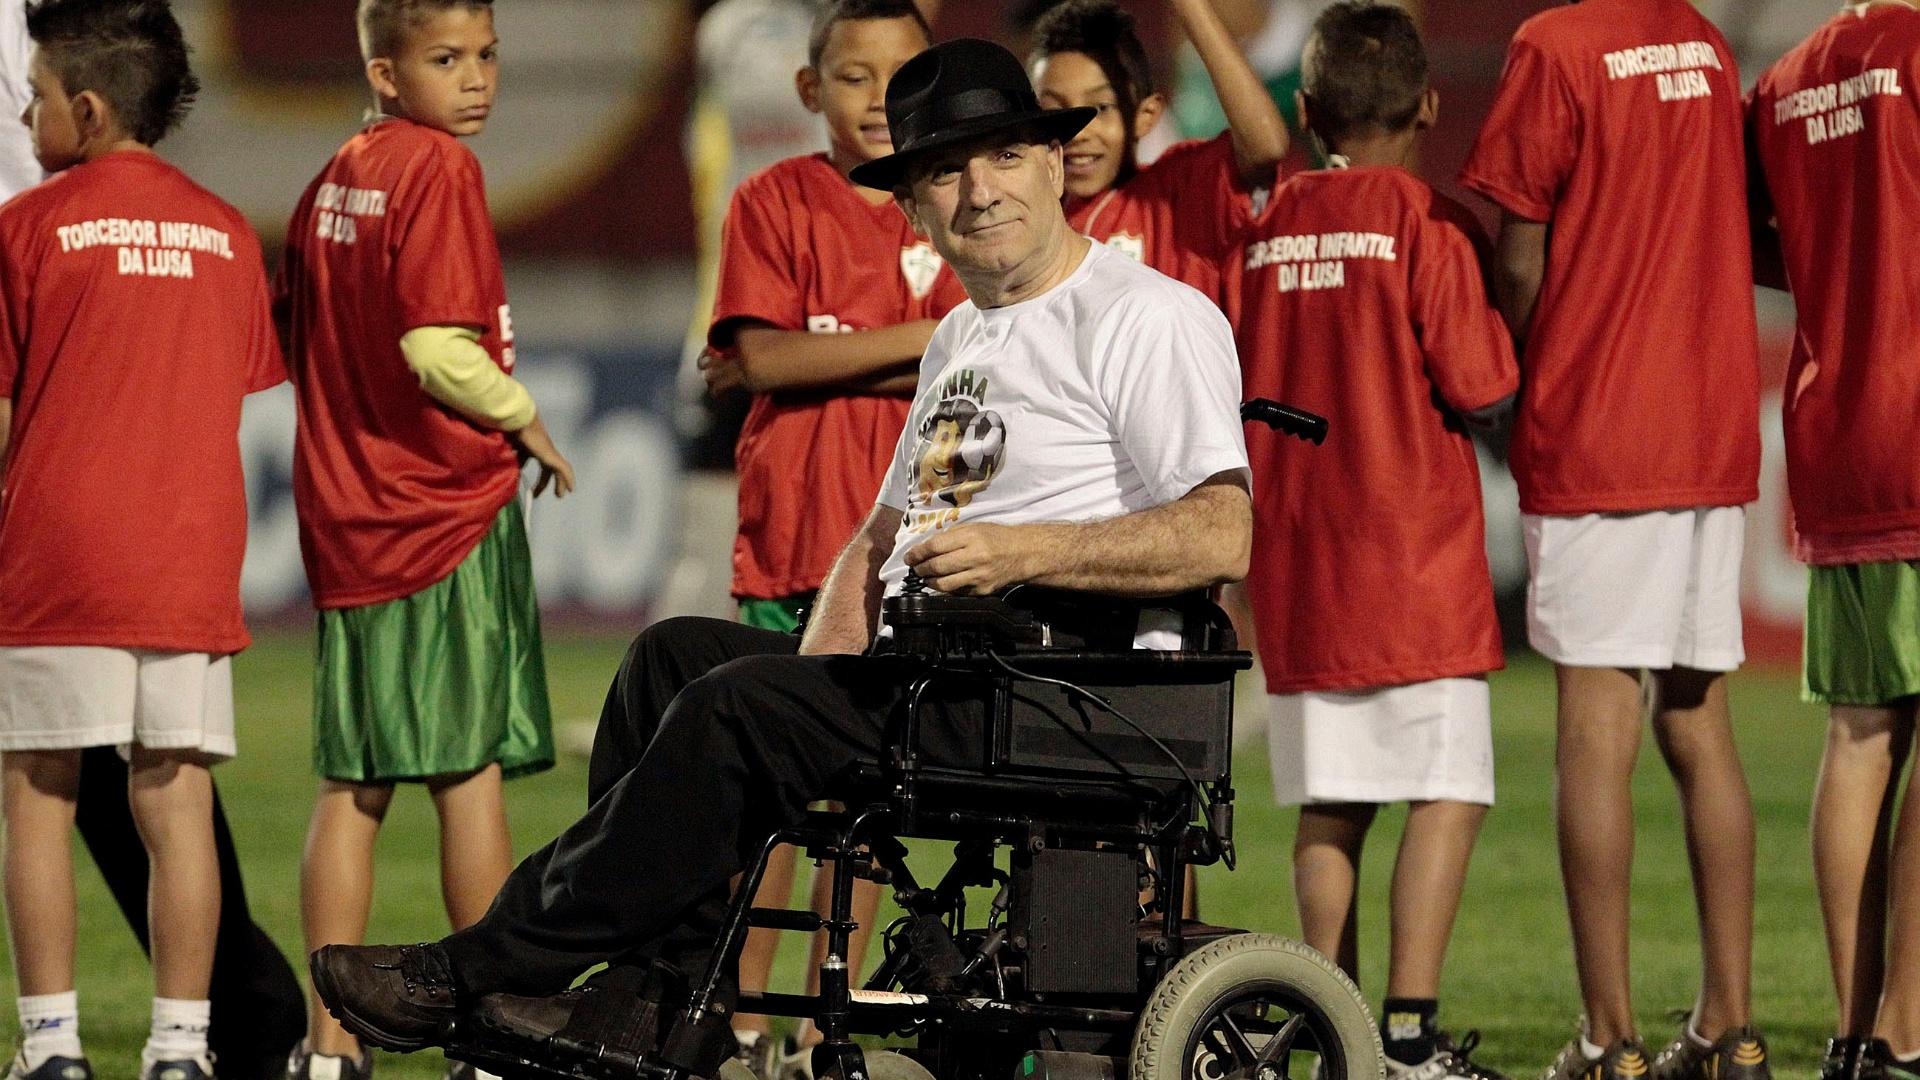 Ex-locutor Osmar Santos recebe homenagem antes da partida entre Portuguesa e Boa Esporte, no Canindé (11/10/2011)